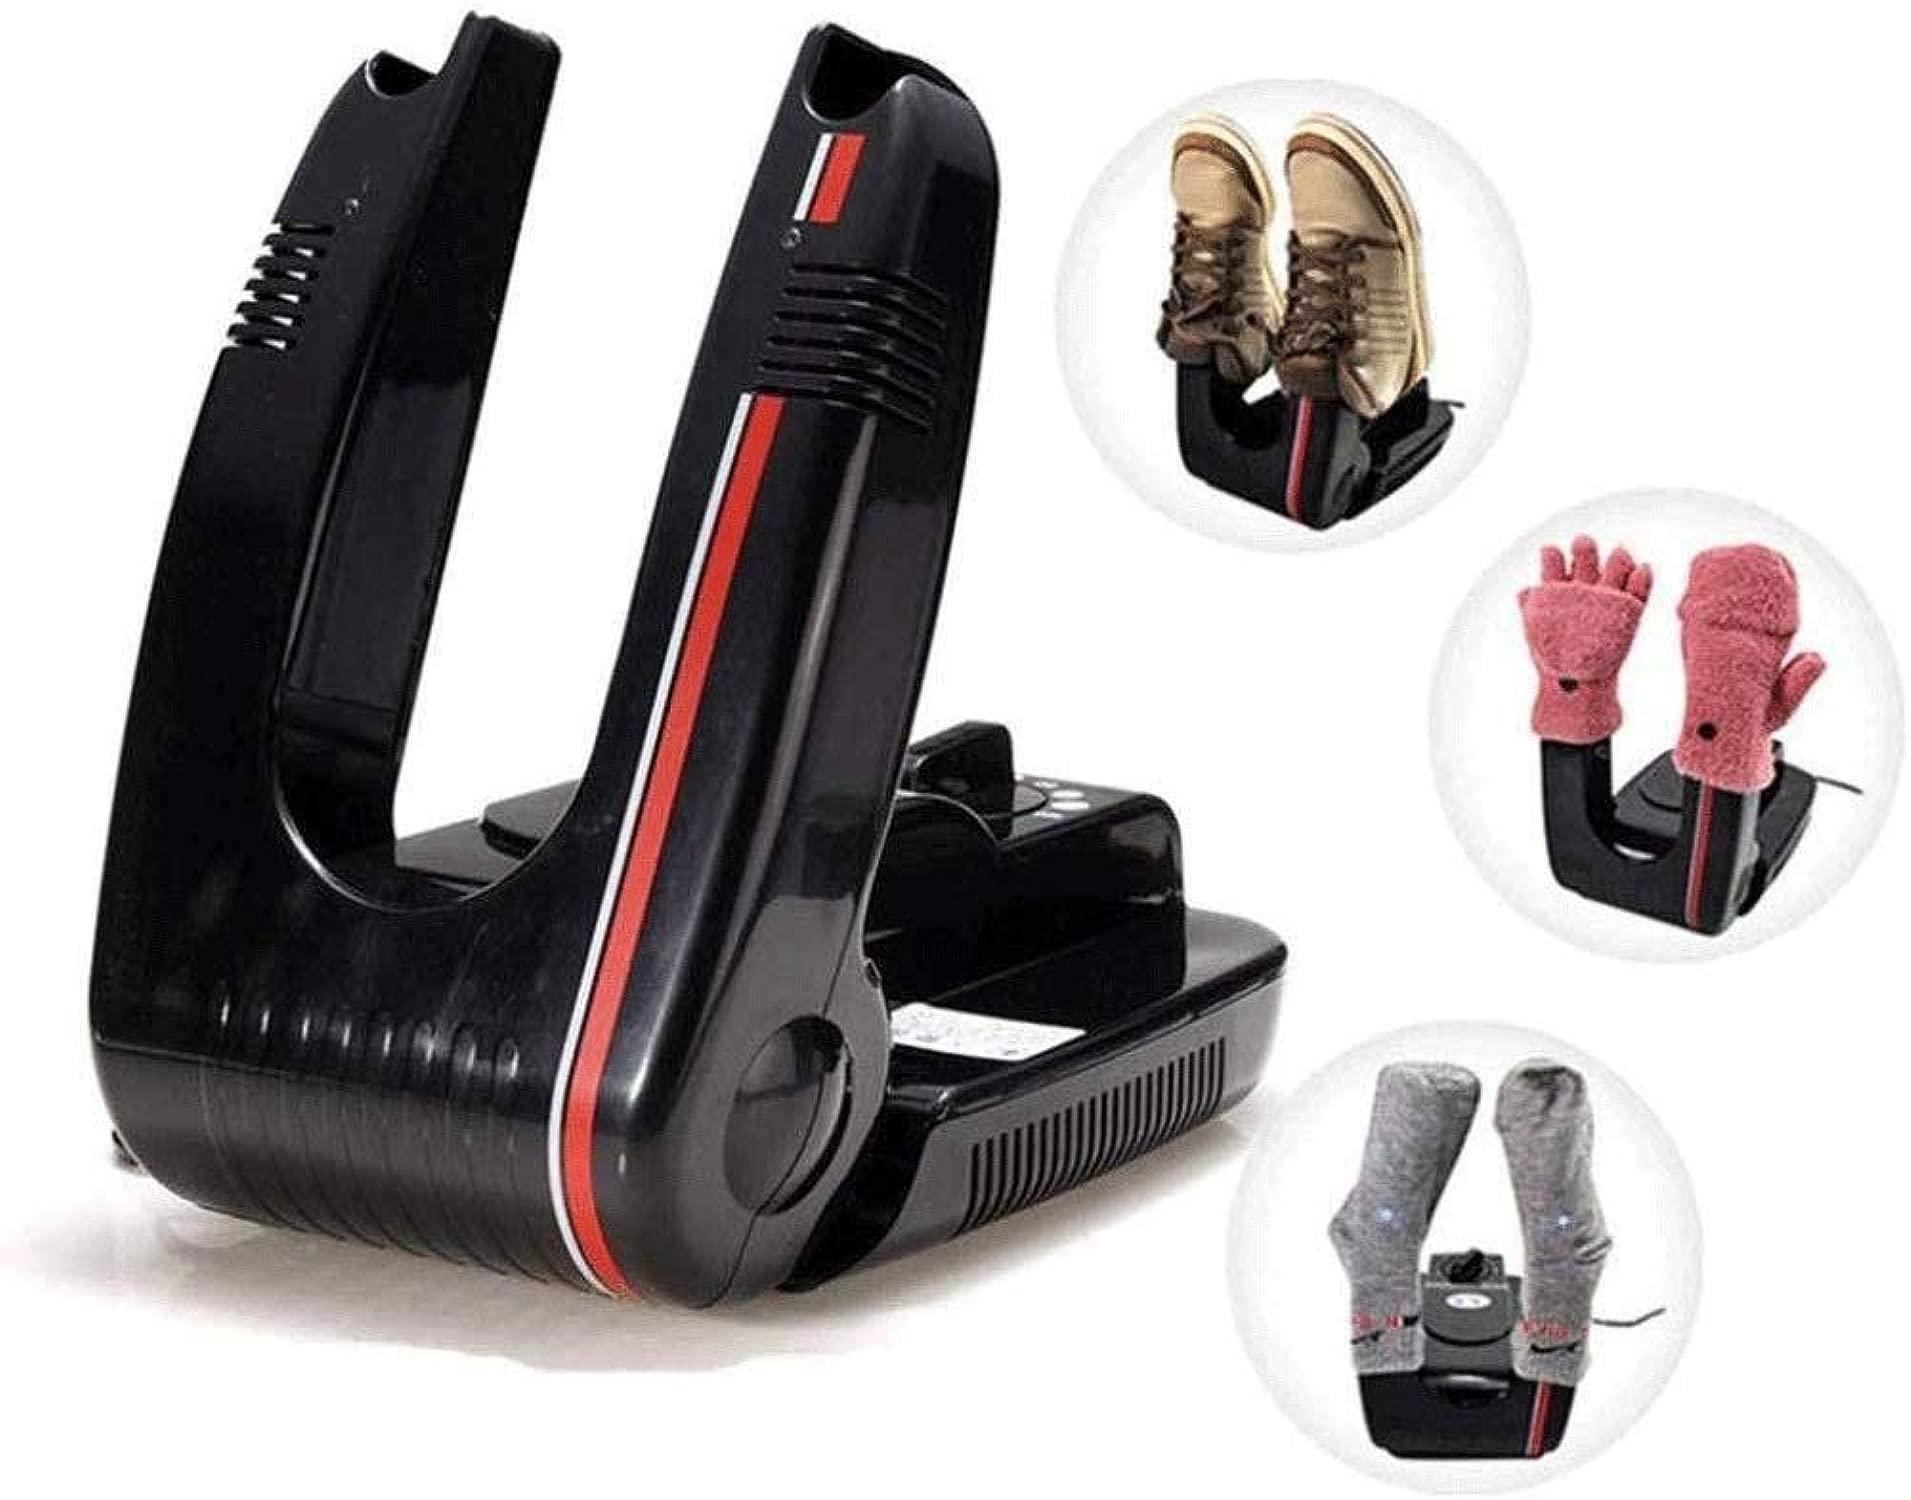 LQUIDE Trockener Schuhtrockner, Schuhtrockner und Handschuhtrockner mit Gelenkanschlüssen für Skischuhe